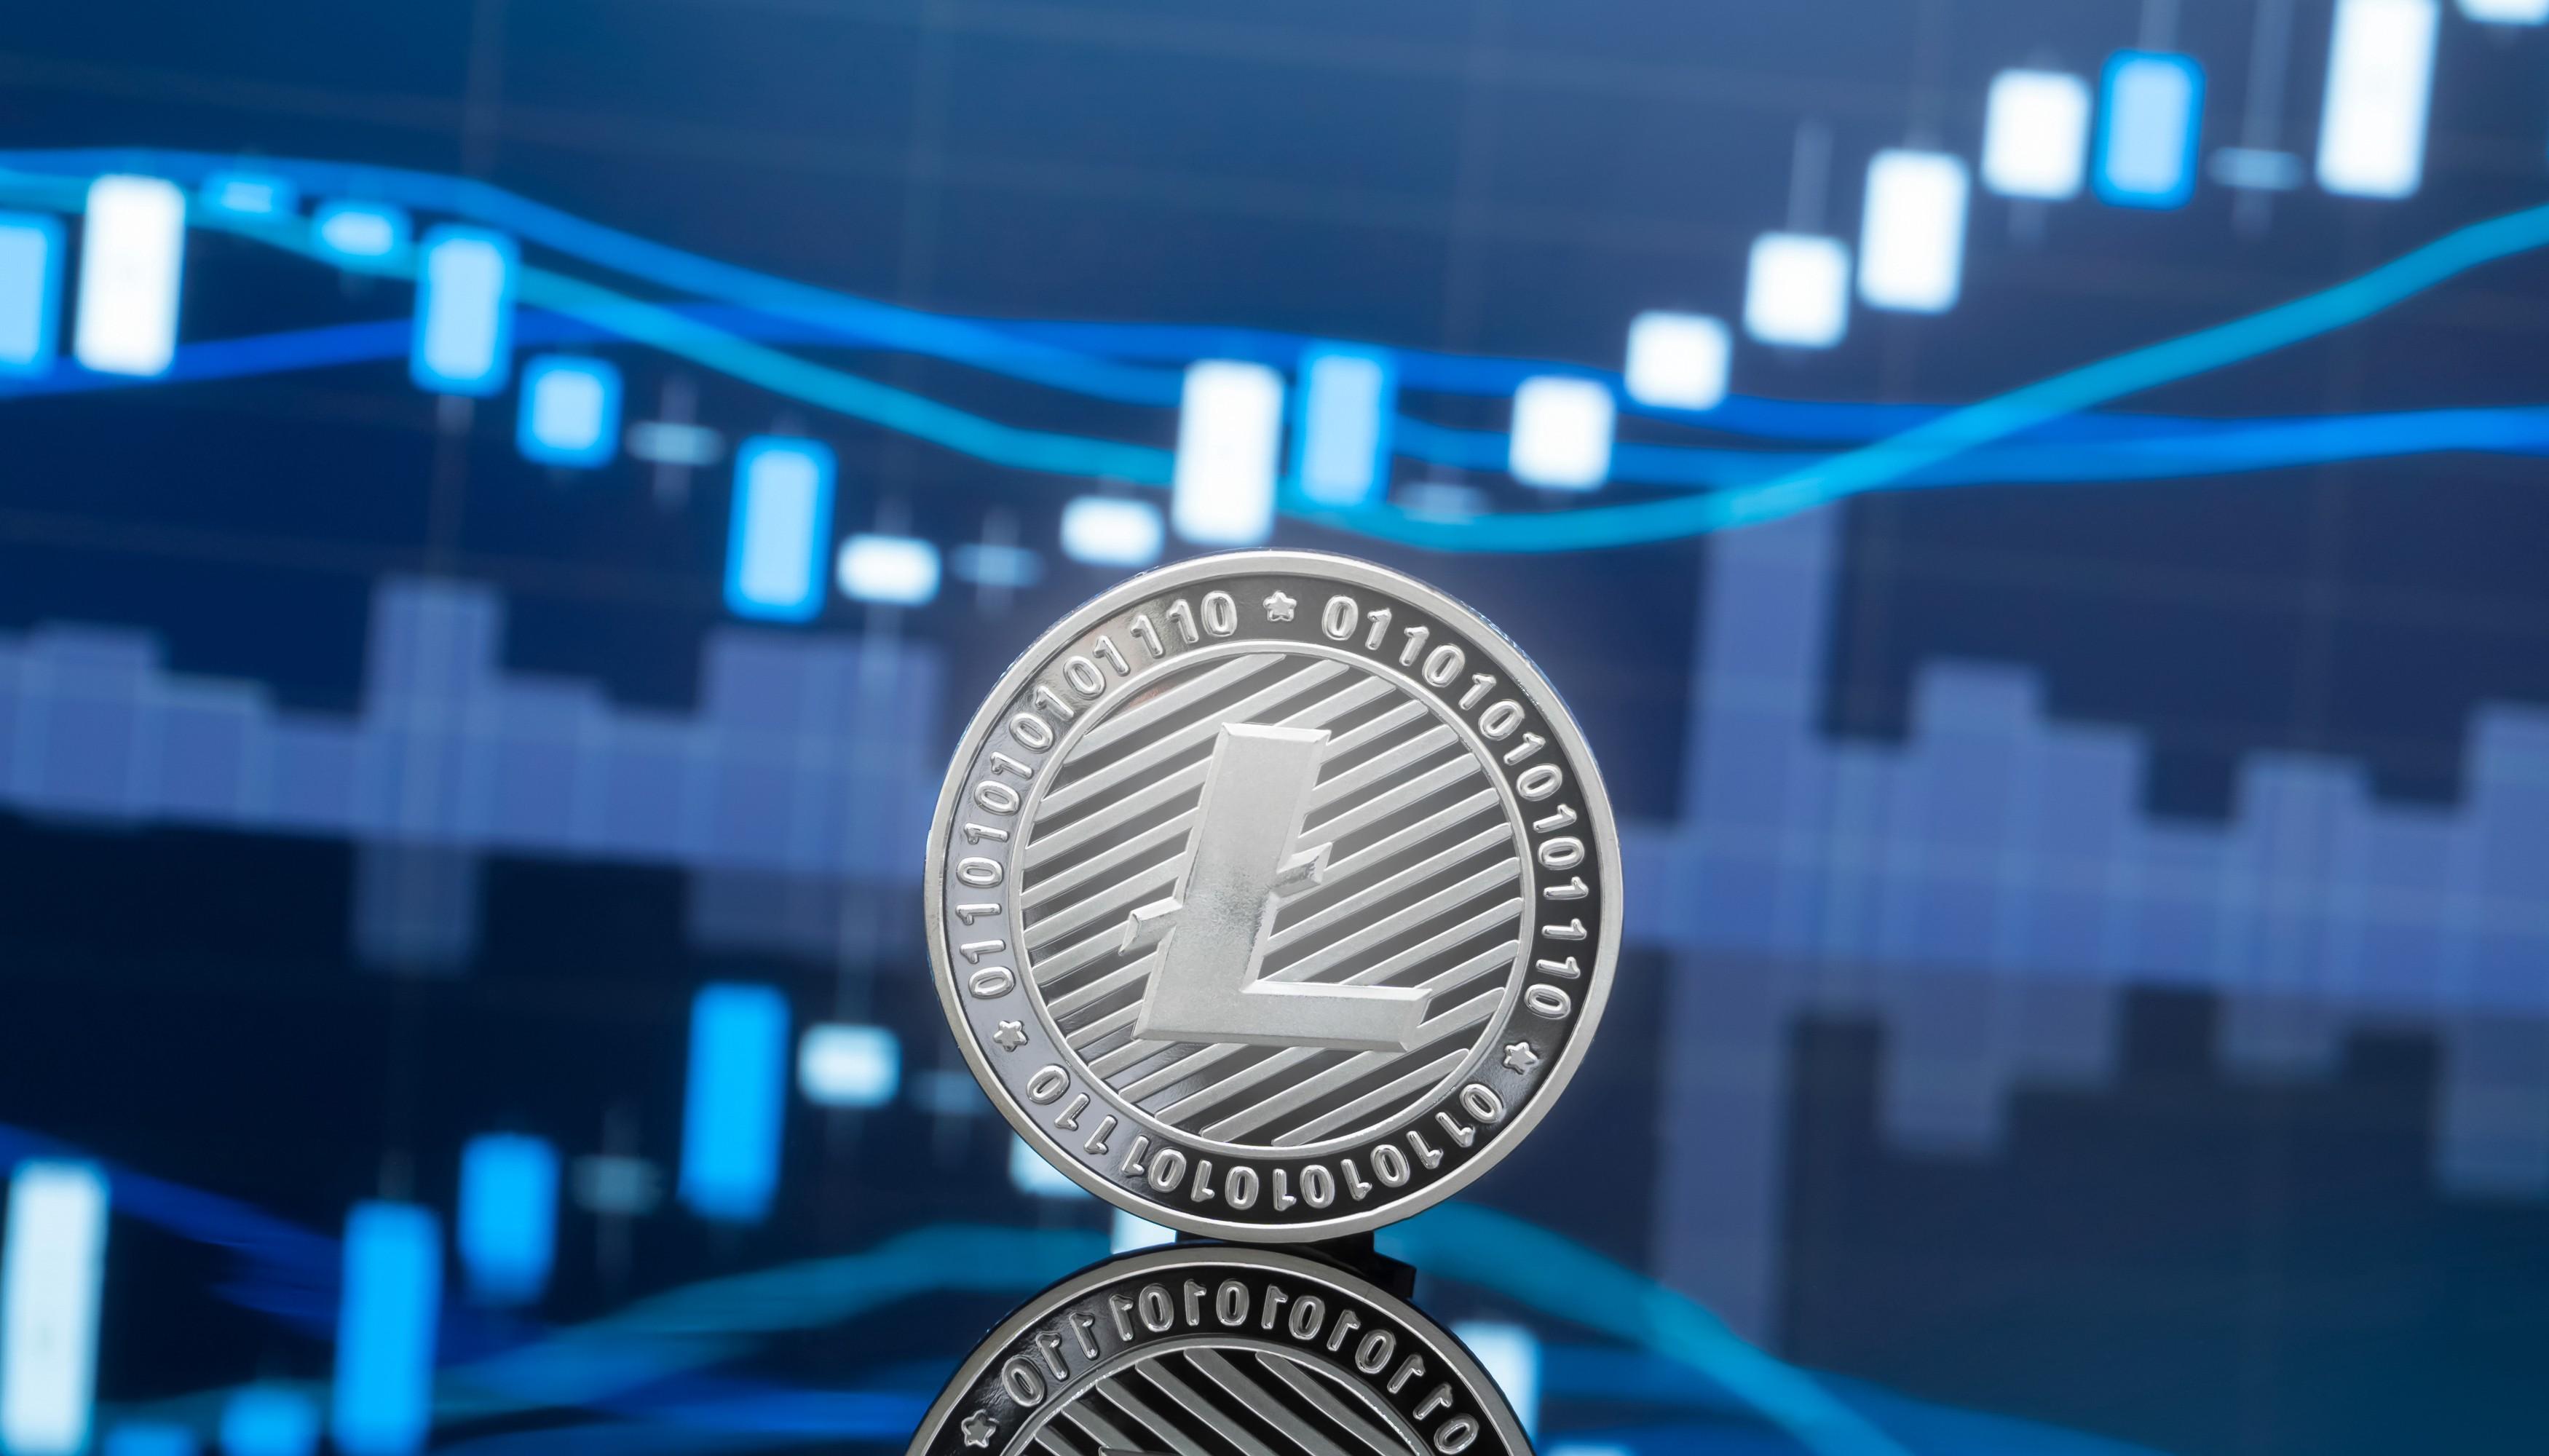 Yuan Pay Group ir krāpšana? | Izlasiet pirms ieguldīšanas